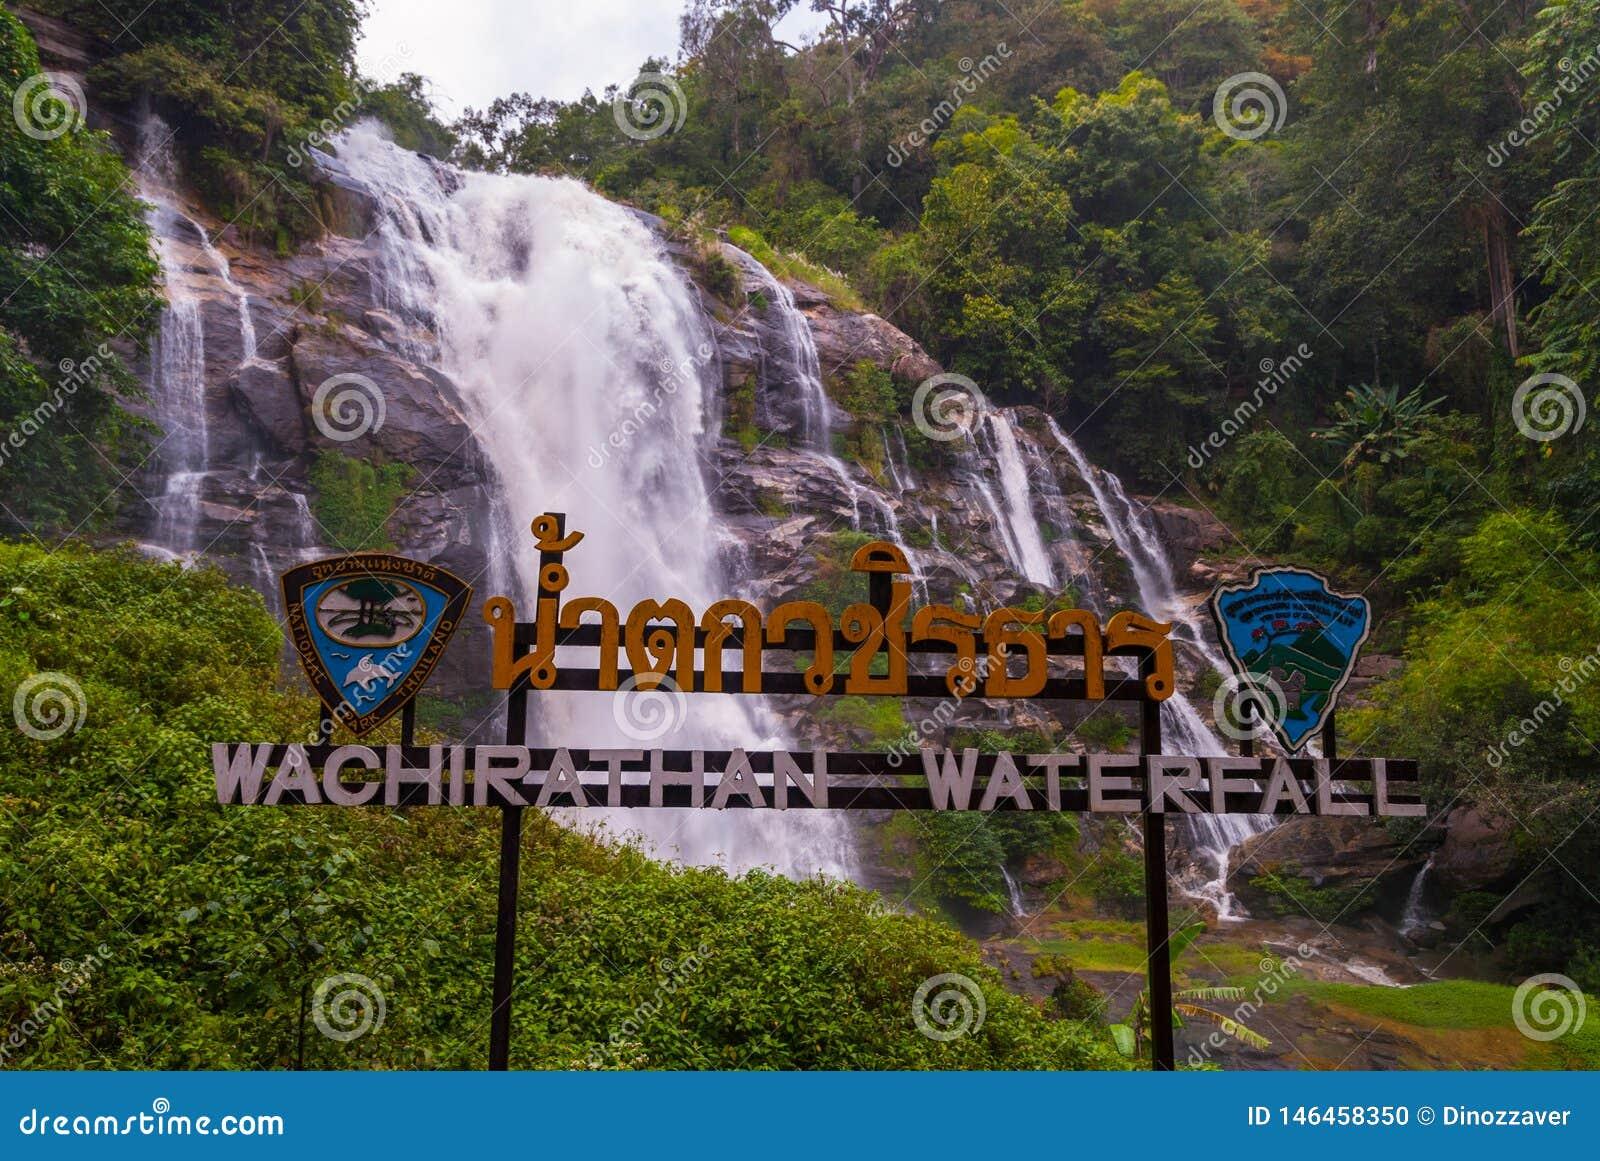 Cascata di Wachirathan, Tailandia